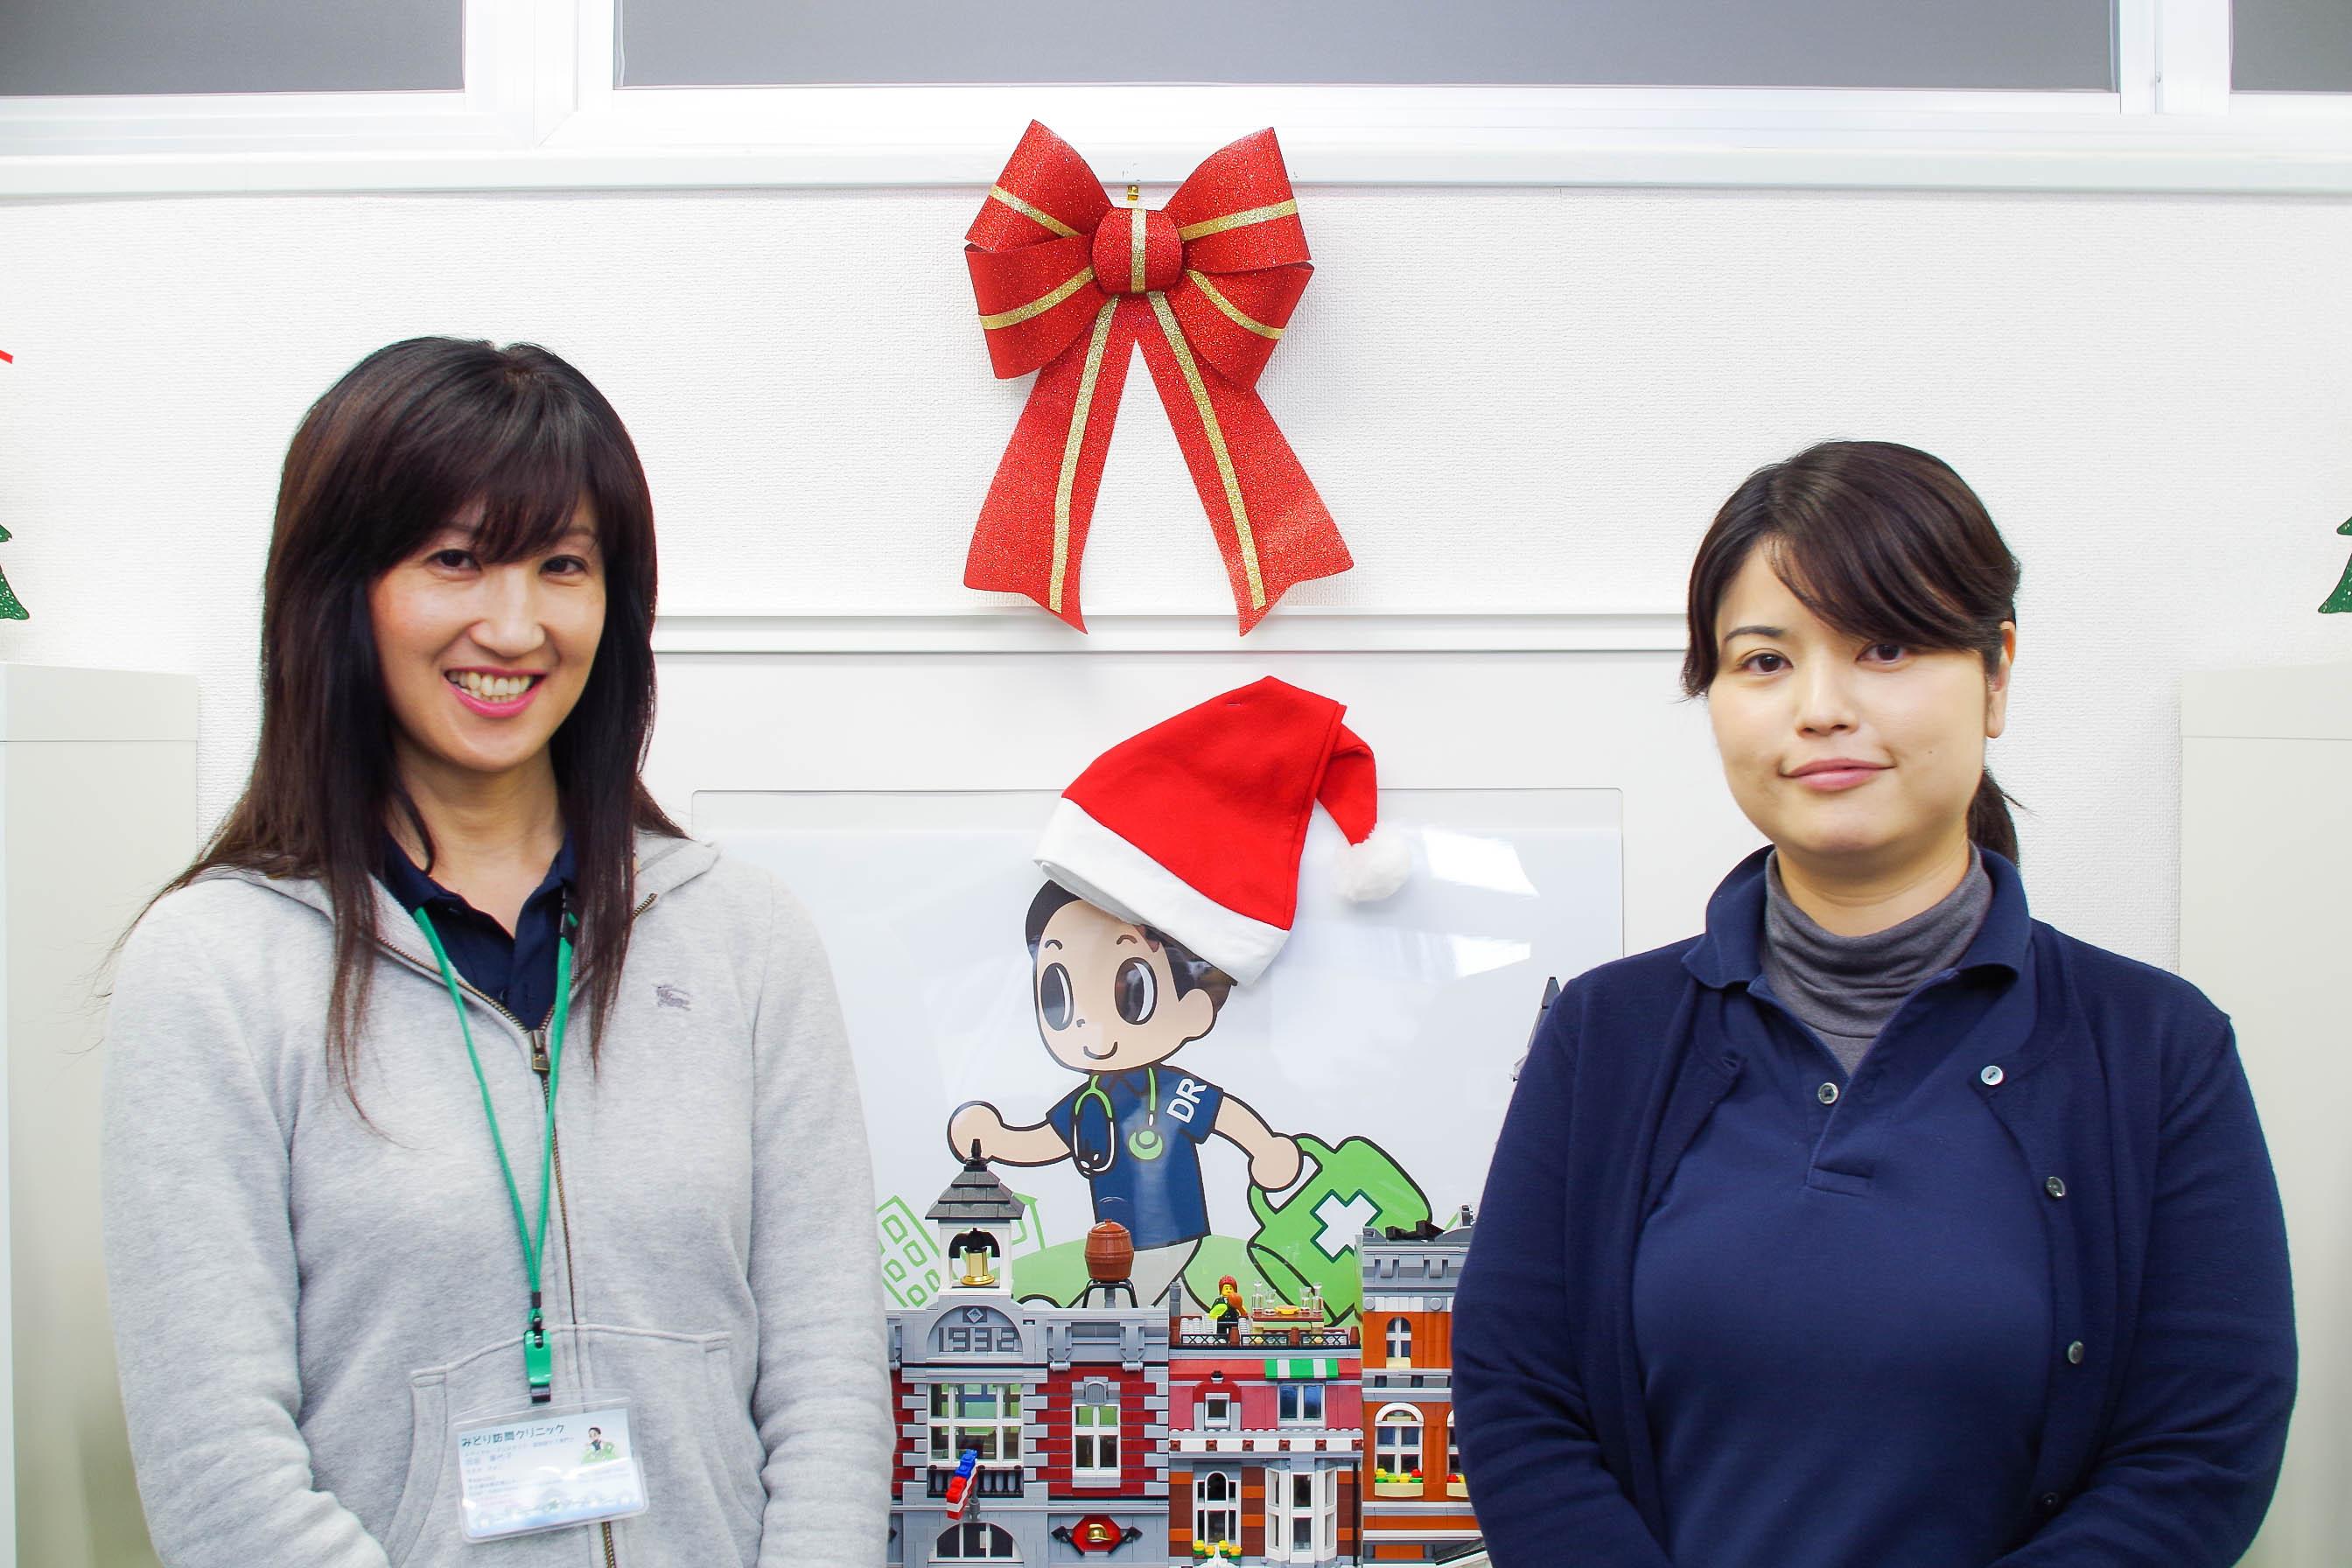 みどり訪問クリニック みどり研修センター メディカルアシスタントの田坂さん(左)と総務リーダーの波村さん(右)